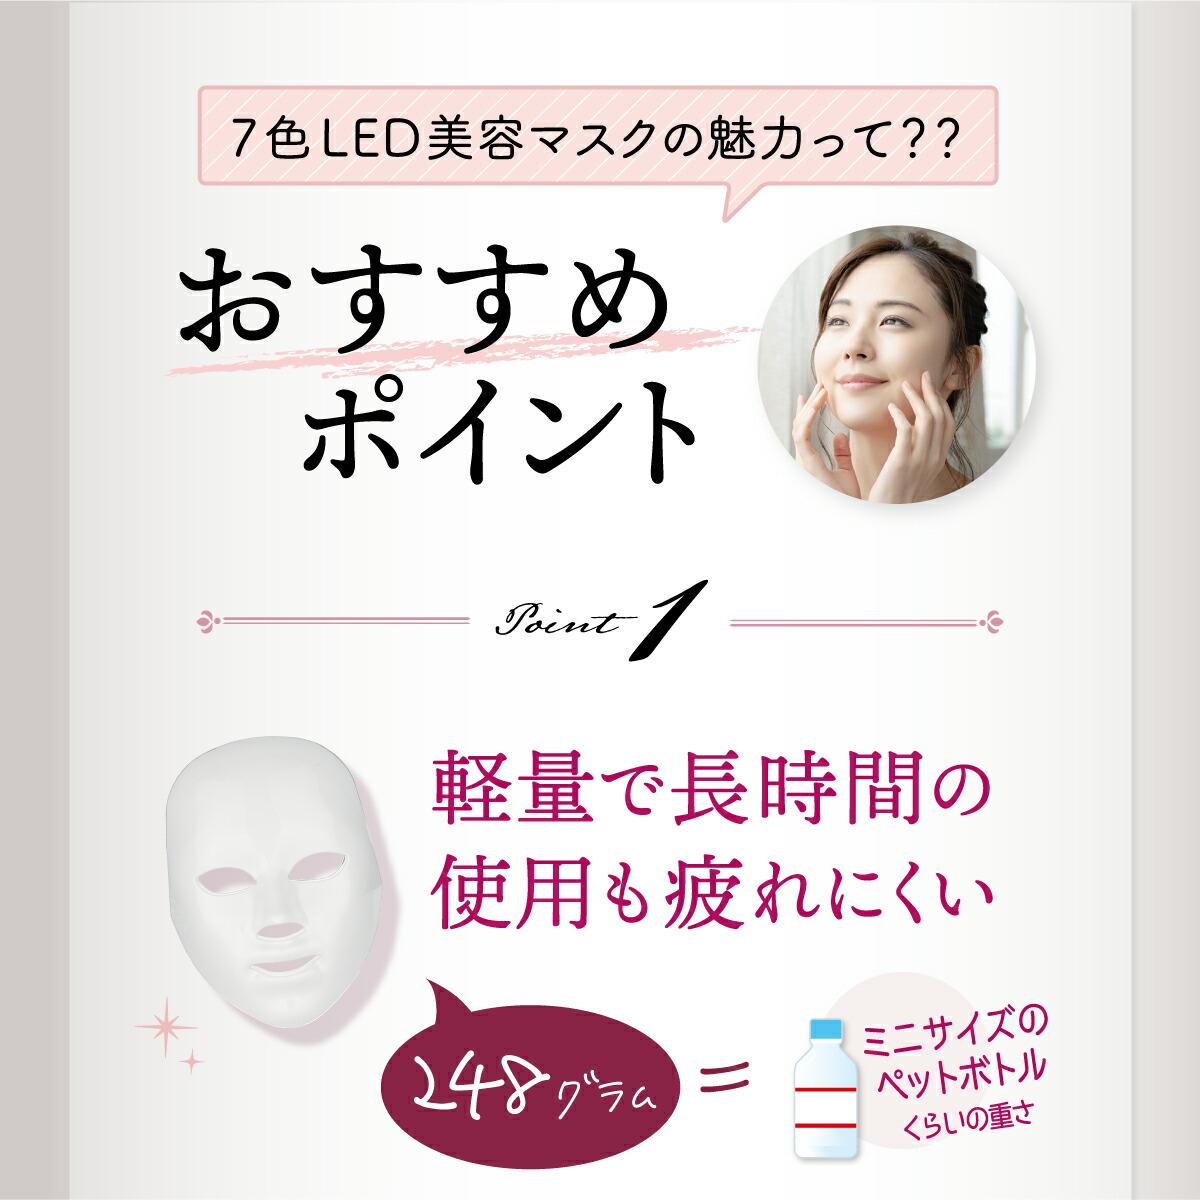 7色LED美容マスク商品画像7